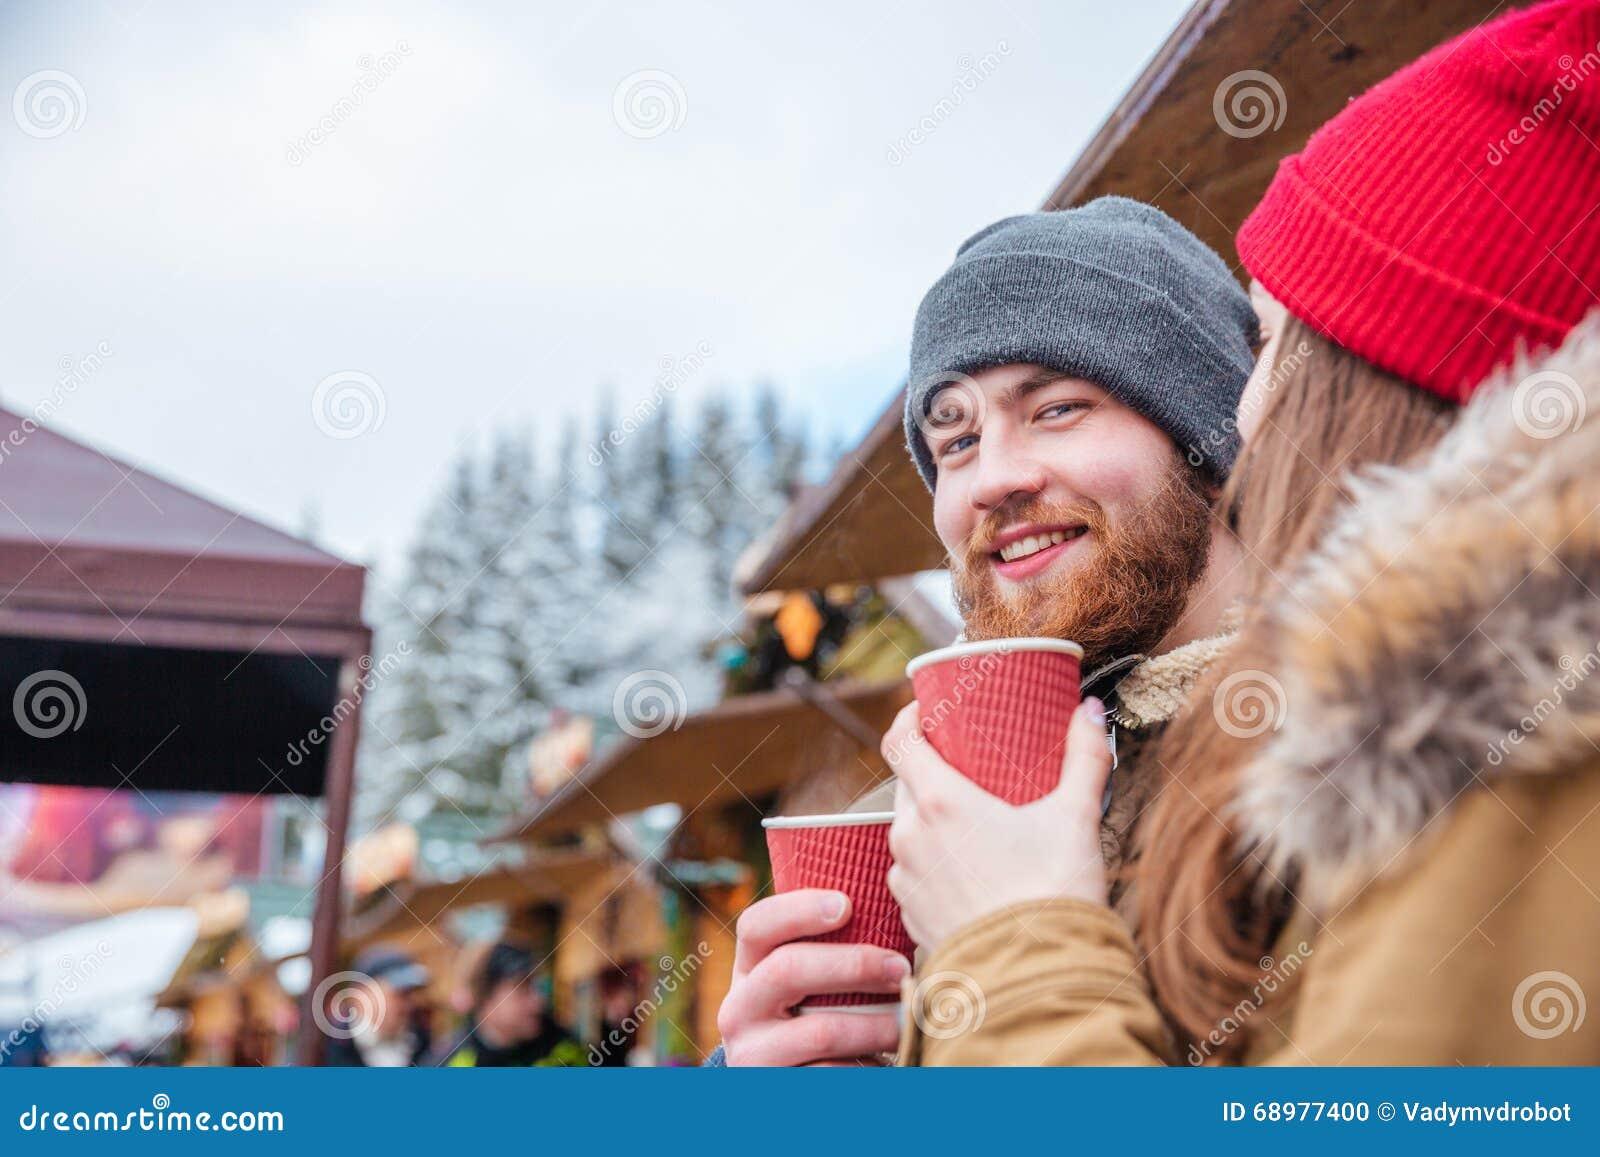 Café de consumición del hombre barbudo al aire libre con su novia